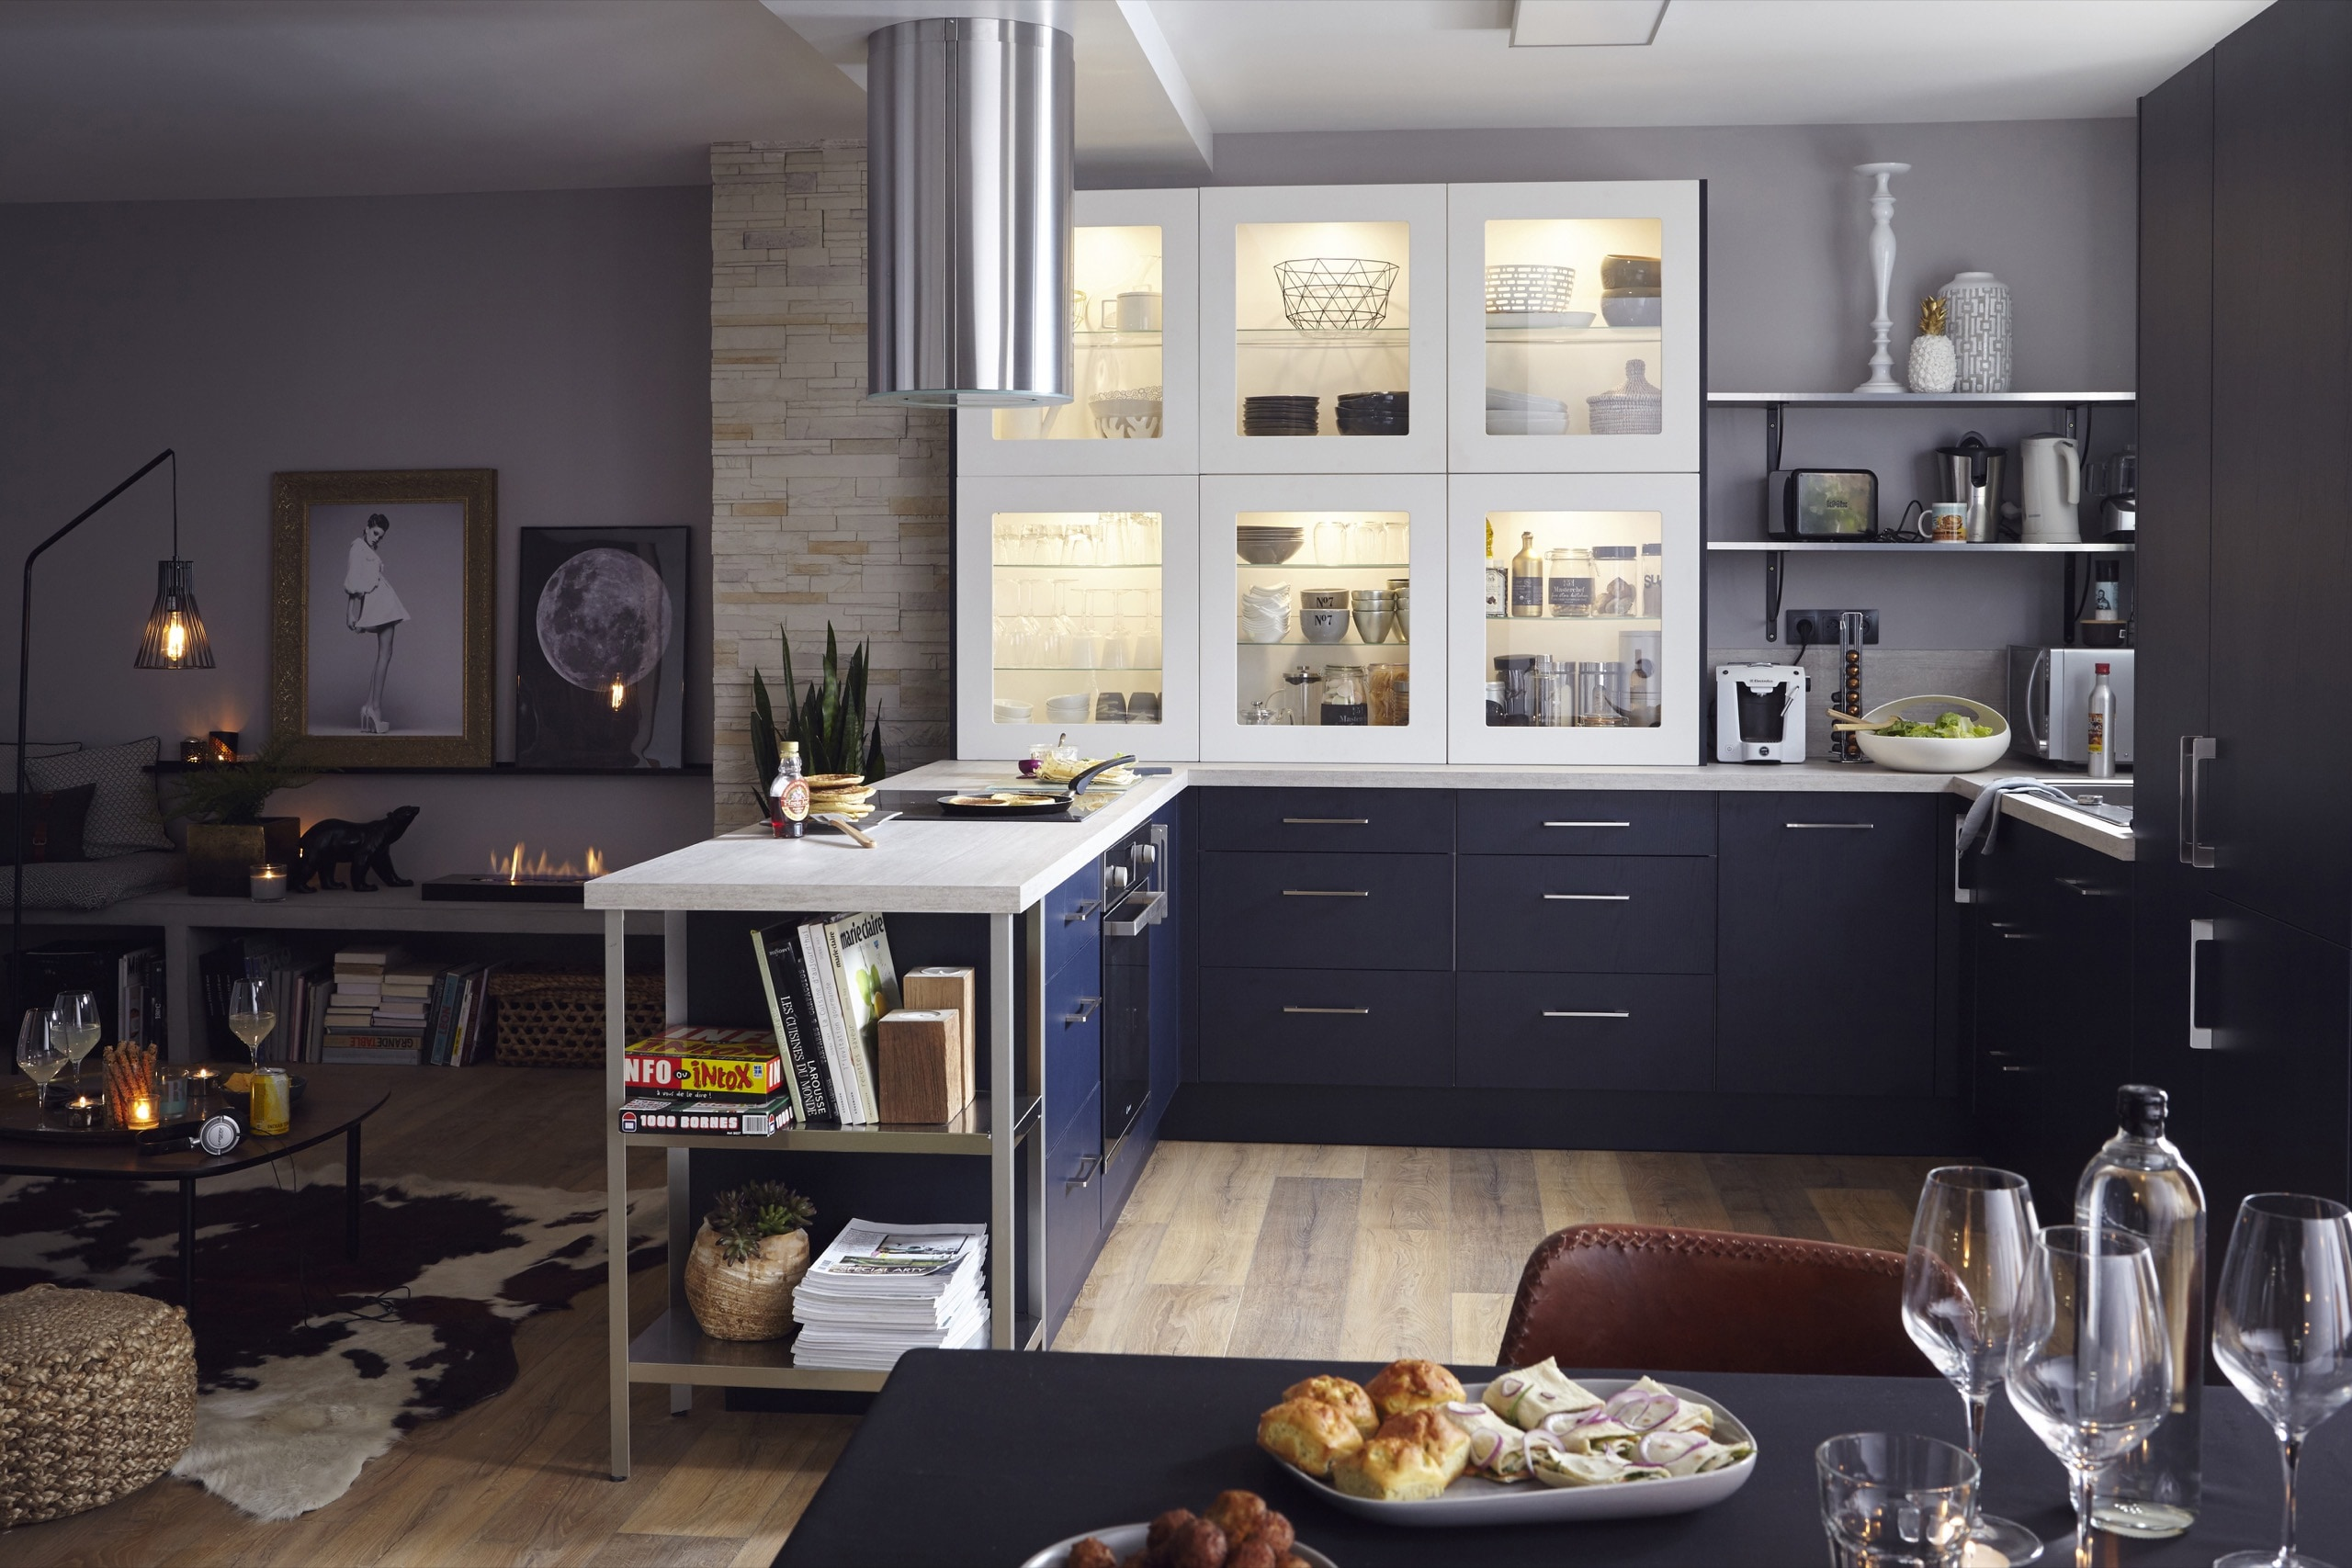 Cuisine Integree Dans Salon décoration d'intérieur - odile charpiat